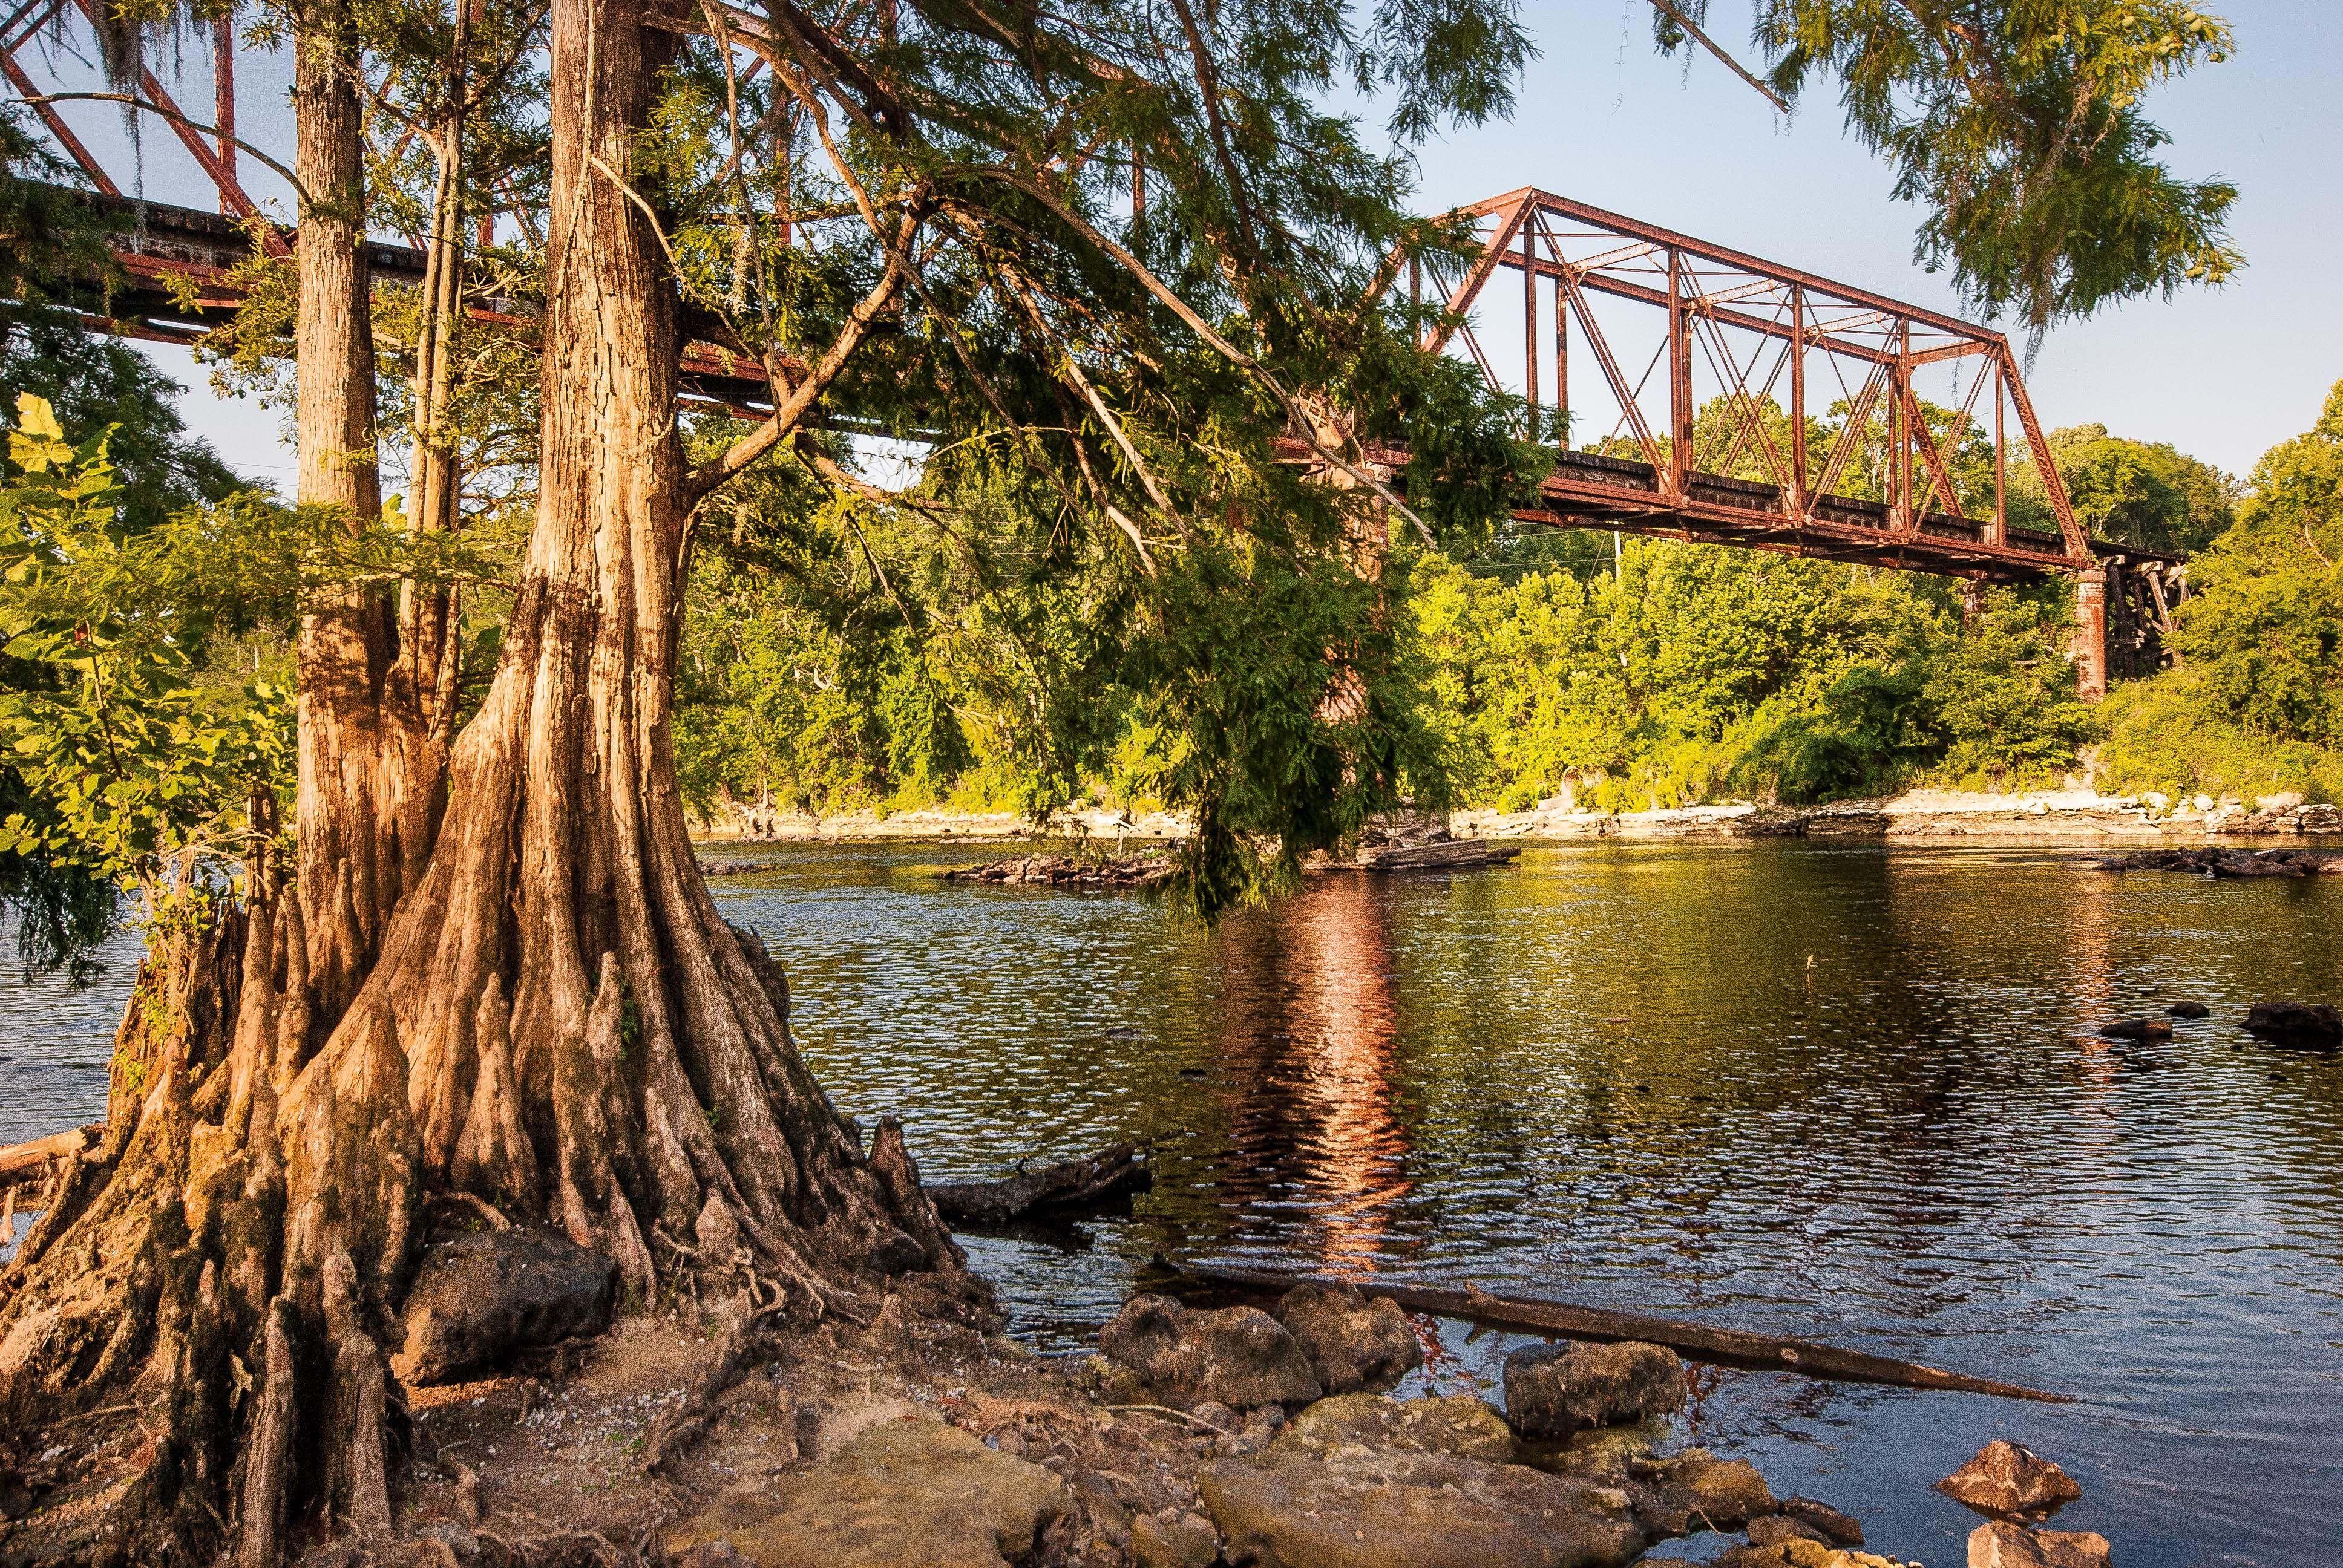 riverwalk in albany ga albany ga explore albany ga rivet sway and more